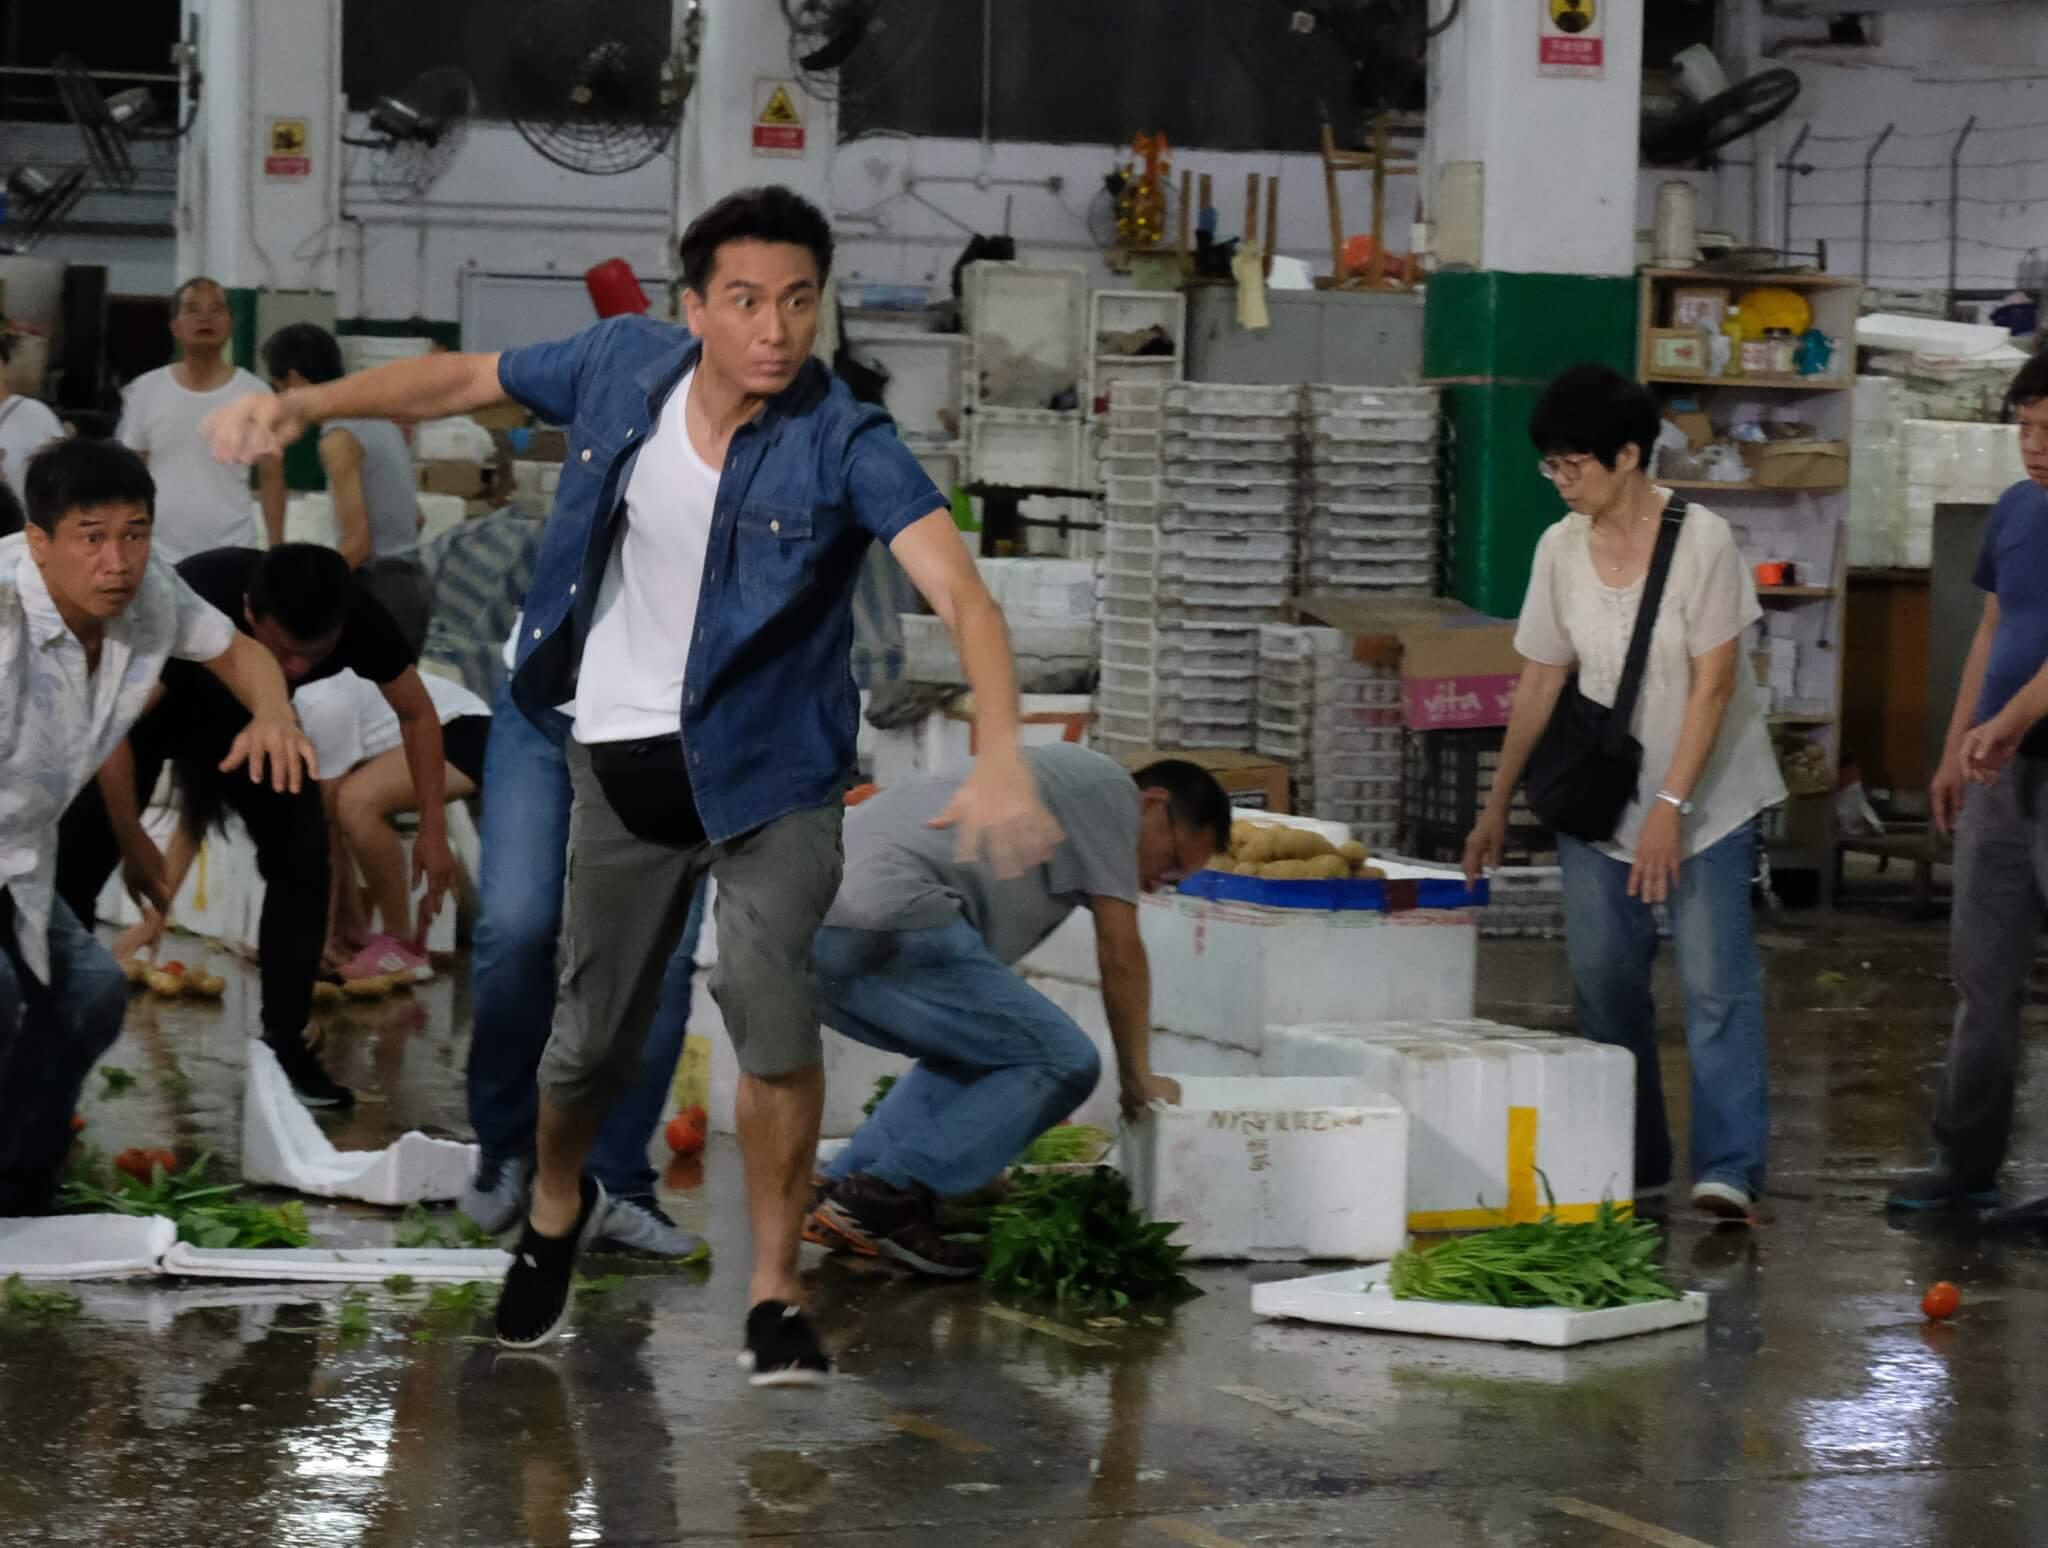 馬明表示很喜歡劇集《C9特工》中飾演賣菜佬,貼地的角色是他的愛。